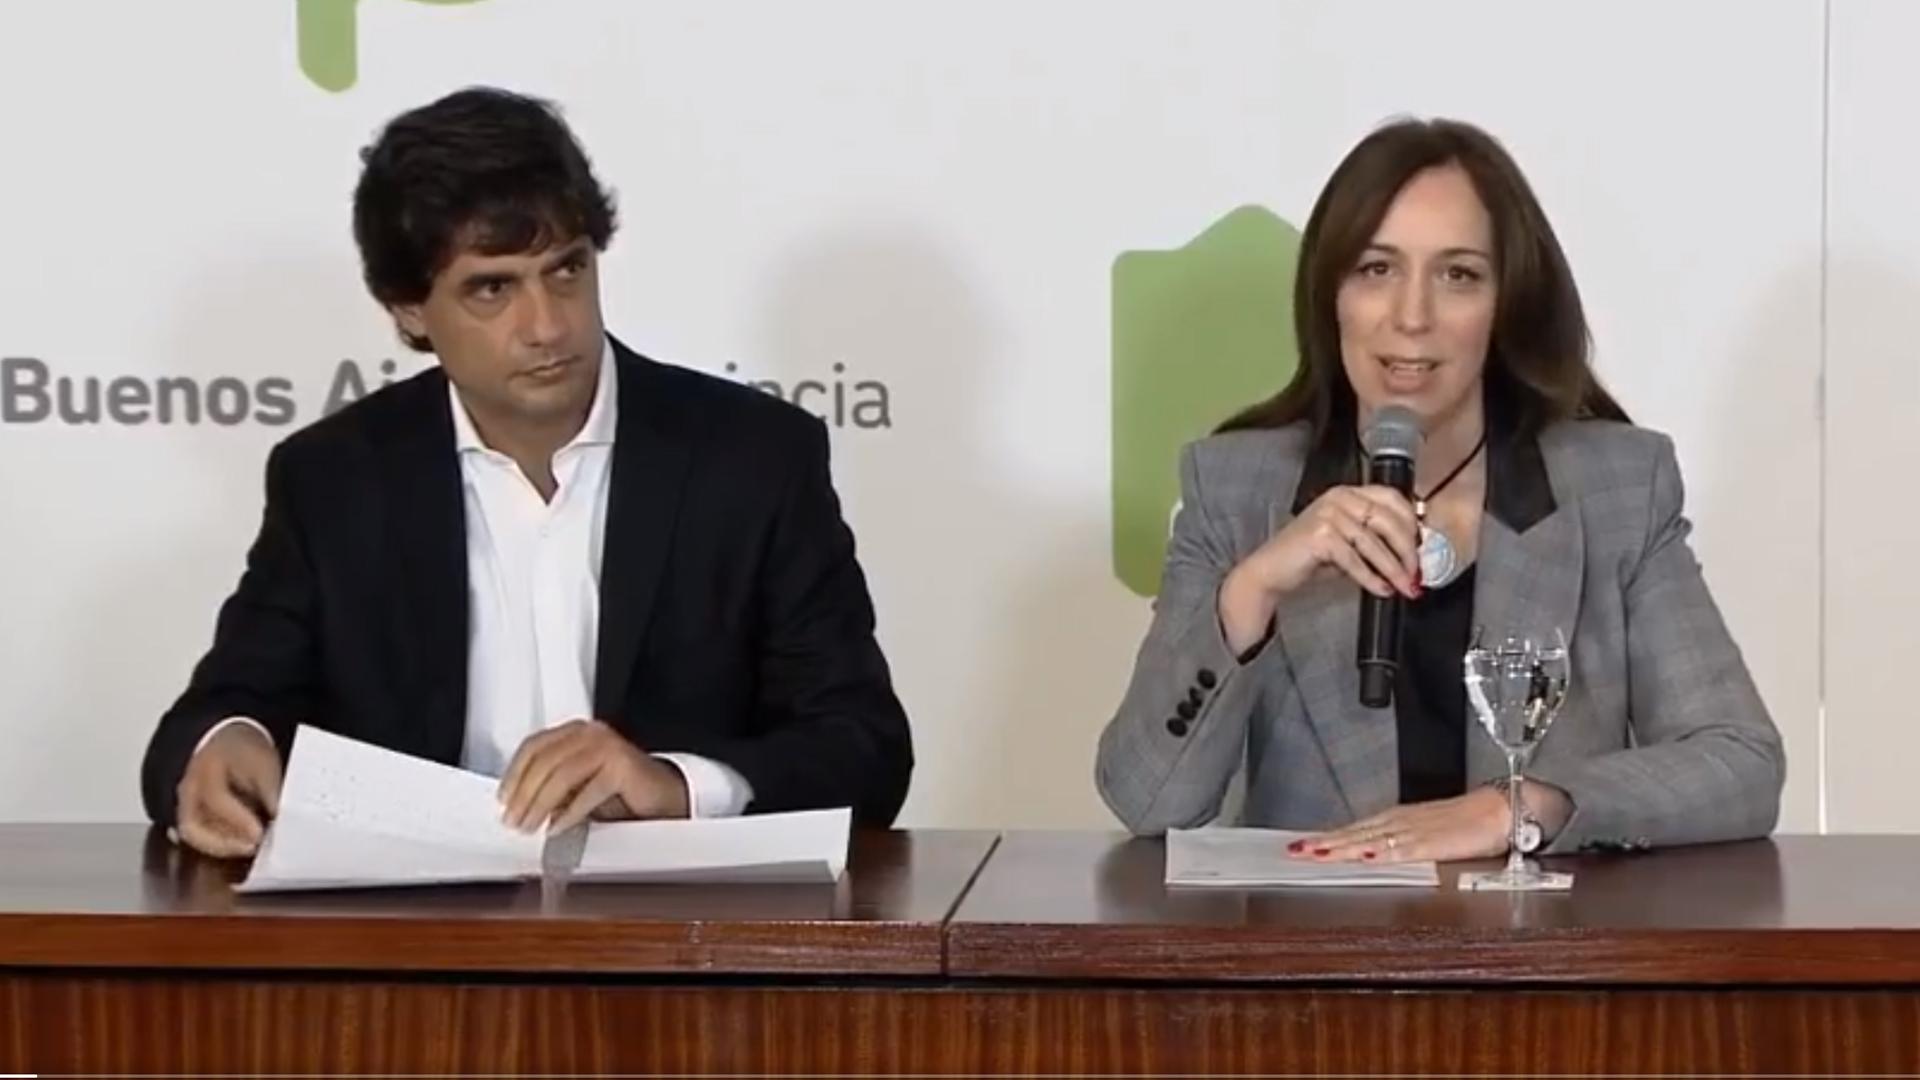 María Eugenia Vidal y su ministro de Economía reclaman un tratamiento igualitario con el resto de las provincias, en proporción al nivel de población e índices de pobreza y recaudación